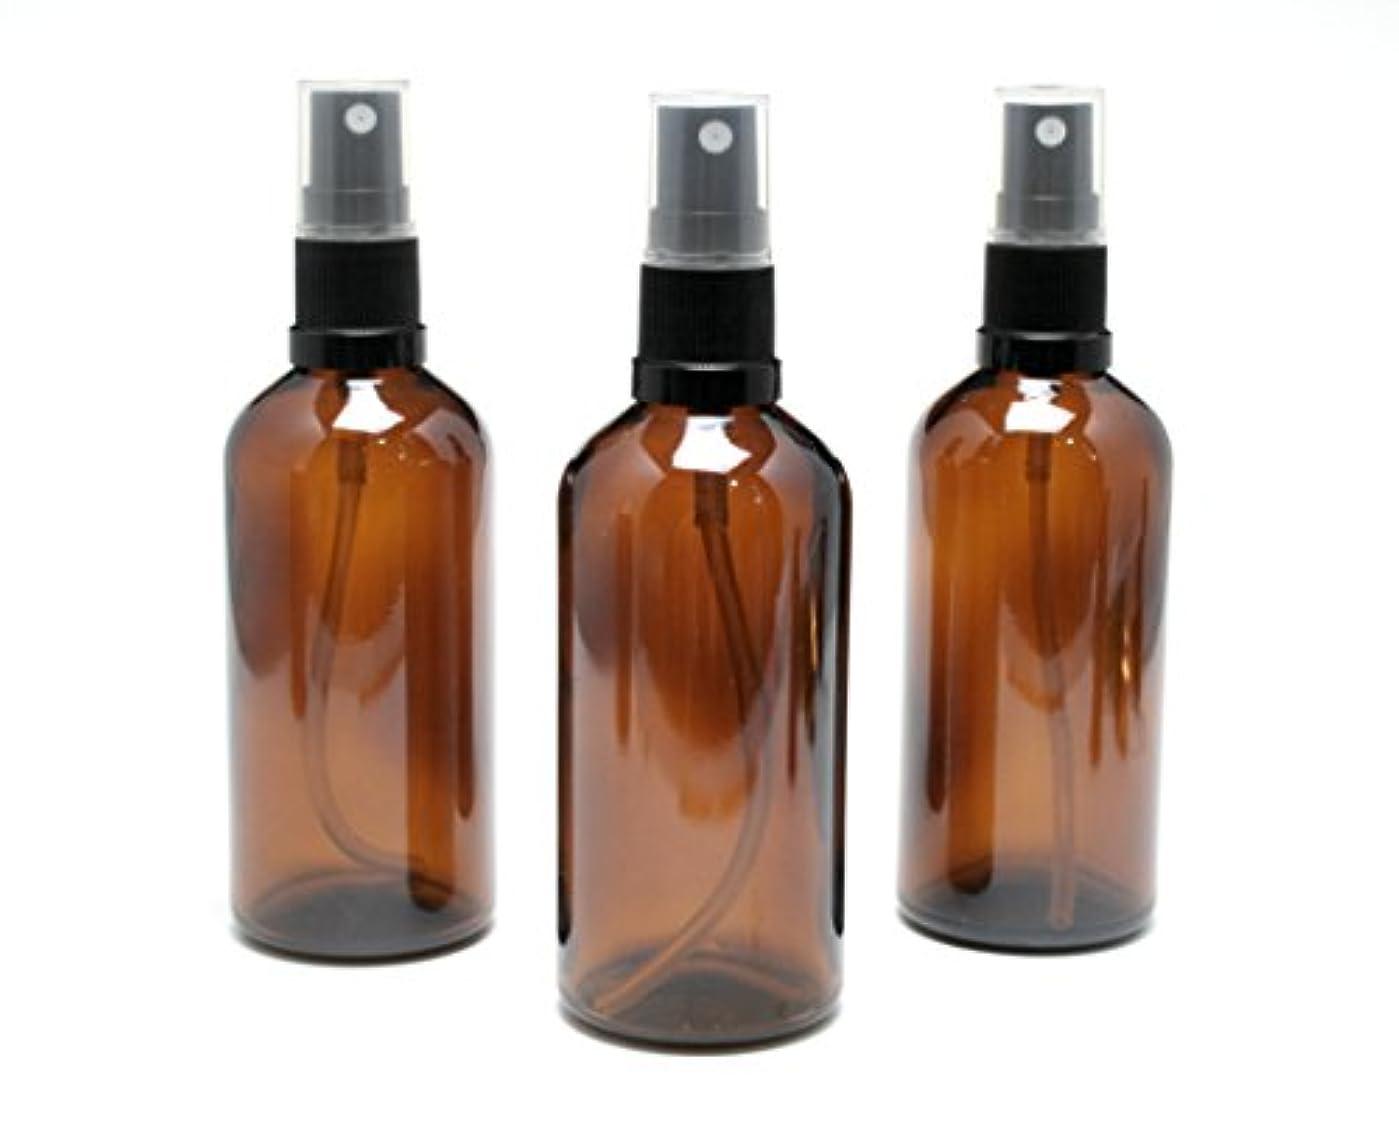 怠祭りさらに遮光瓶 スプレーボトル 100ml アンバー/ブラックヘッド(グラス/アトマイザー) 【新品アウトレット商品 】 (1) 3本セット)